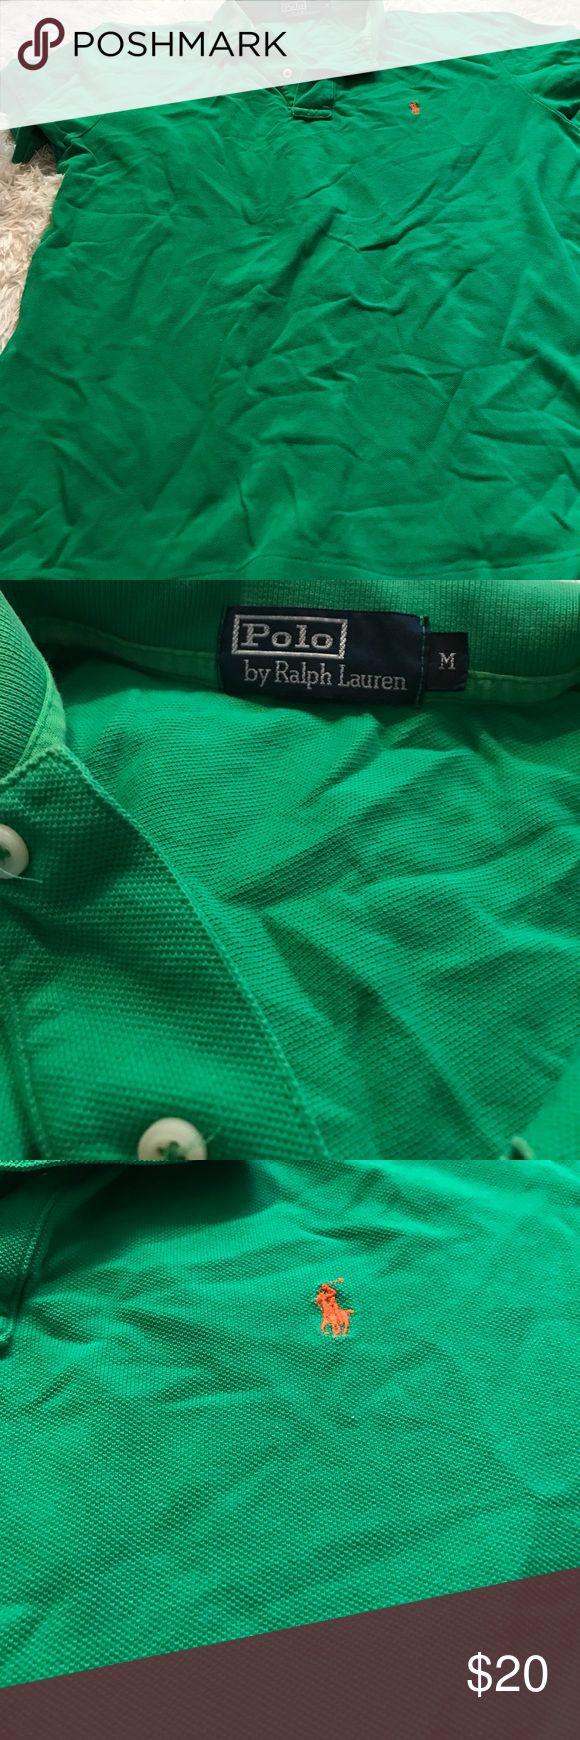 Polo Ralph Lauren mans shirt Green excellent condition short sleeve polo Ralph Lauren shirt Polo by Ralph Lauren Shirts Polos